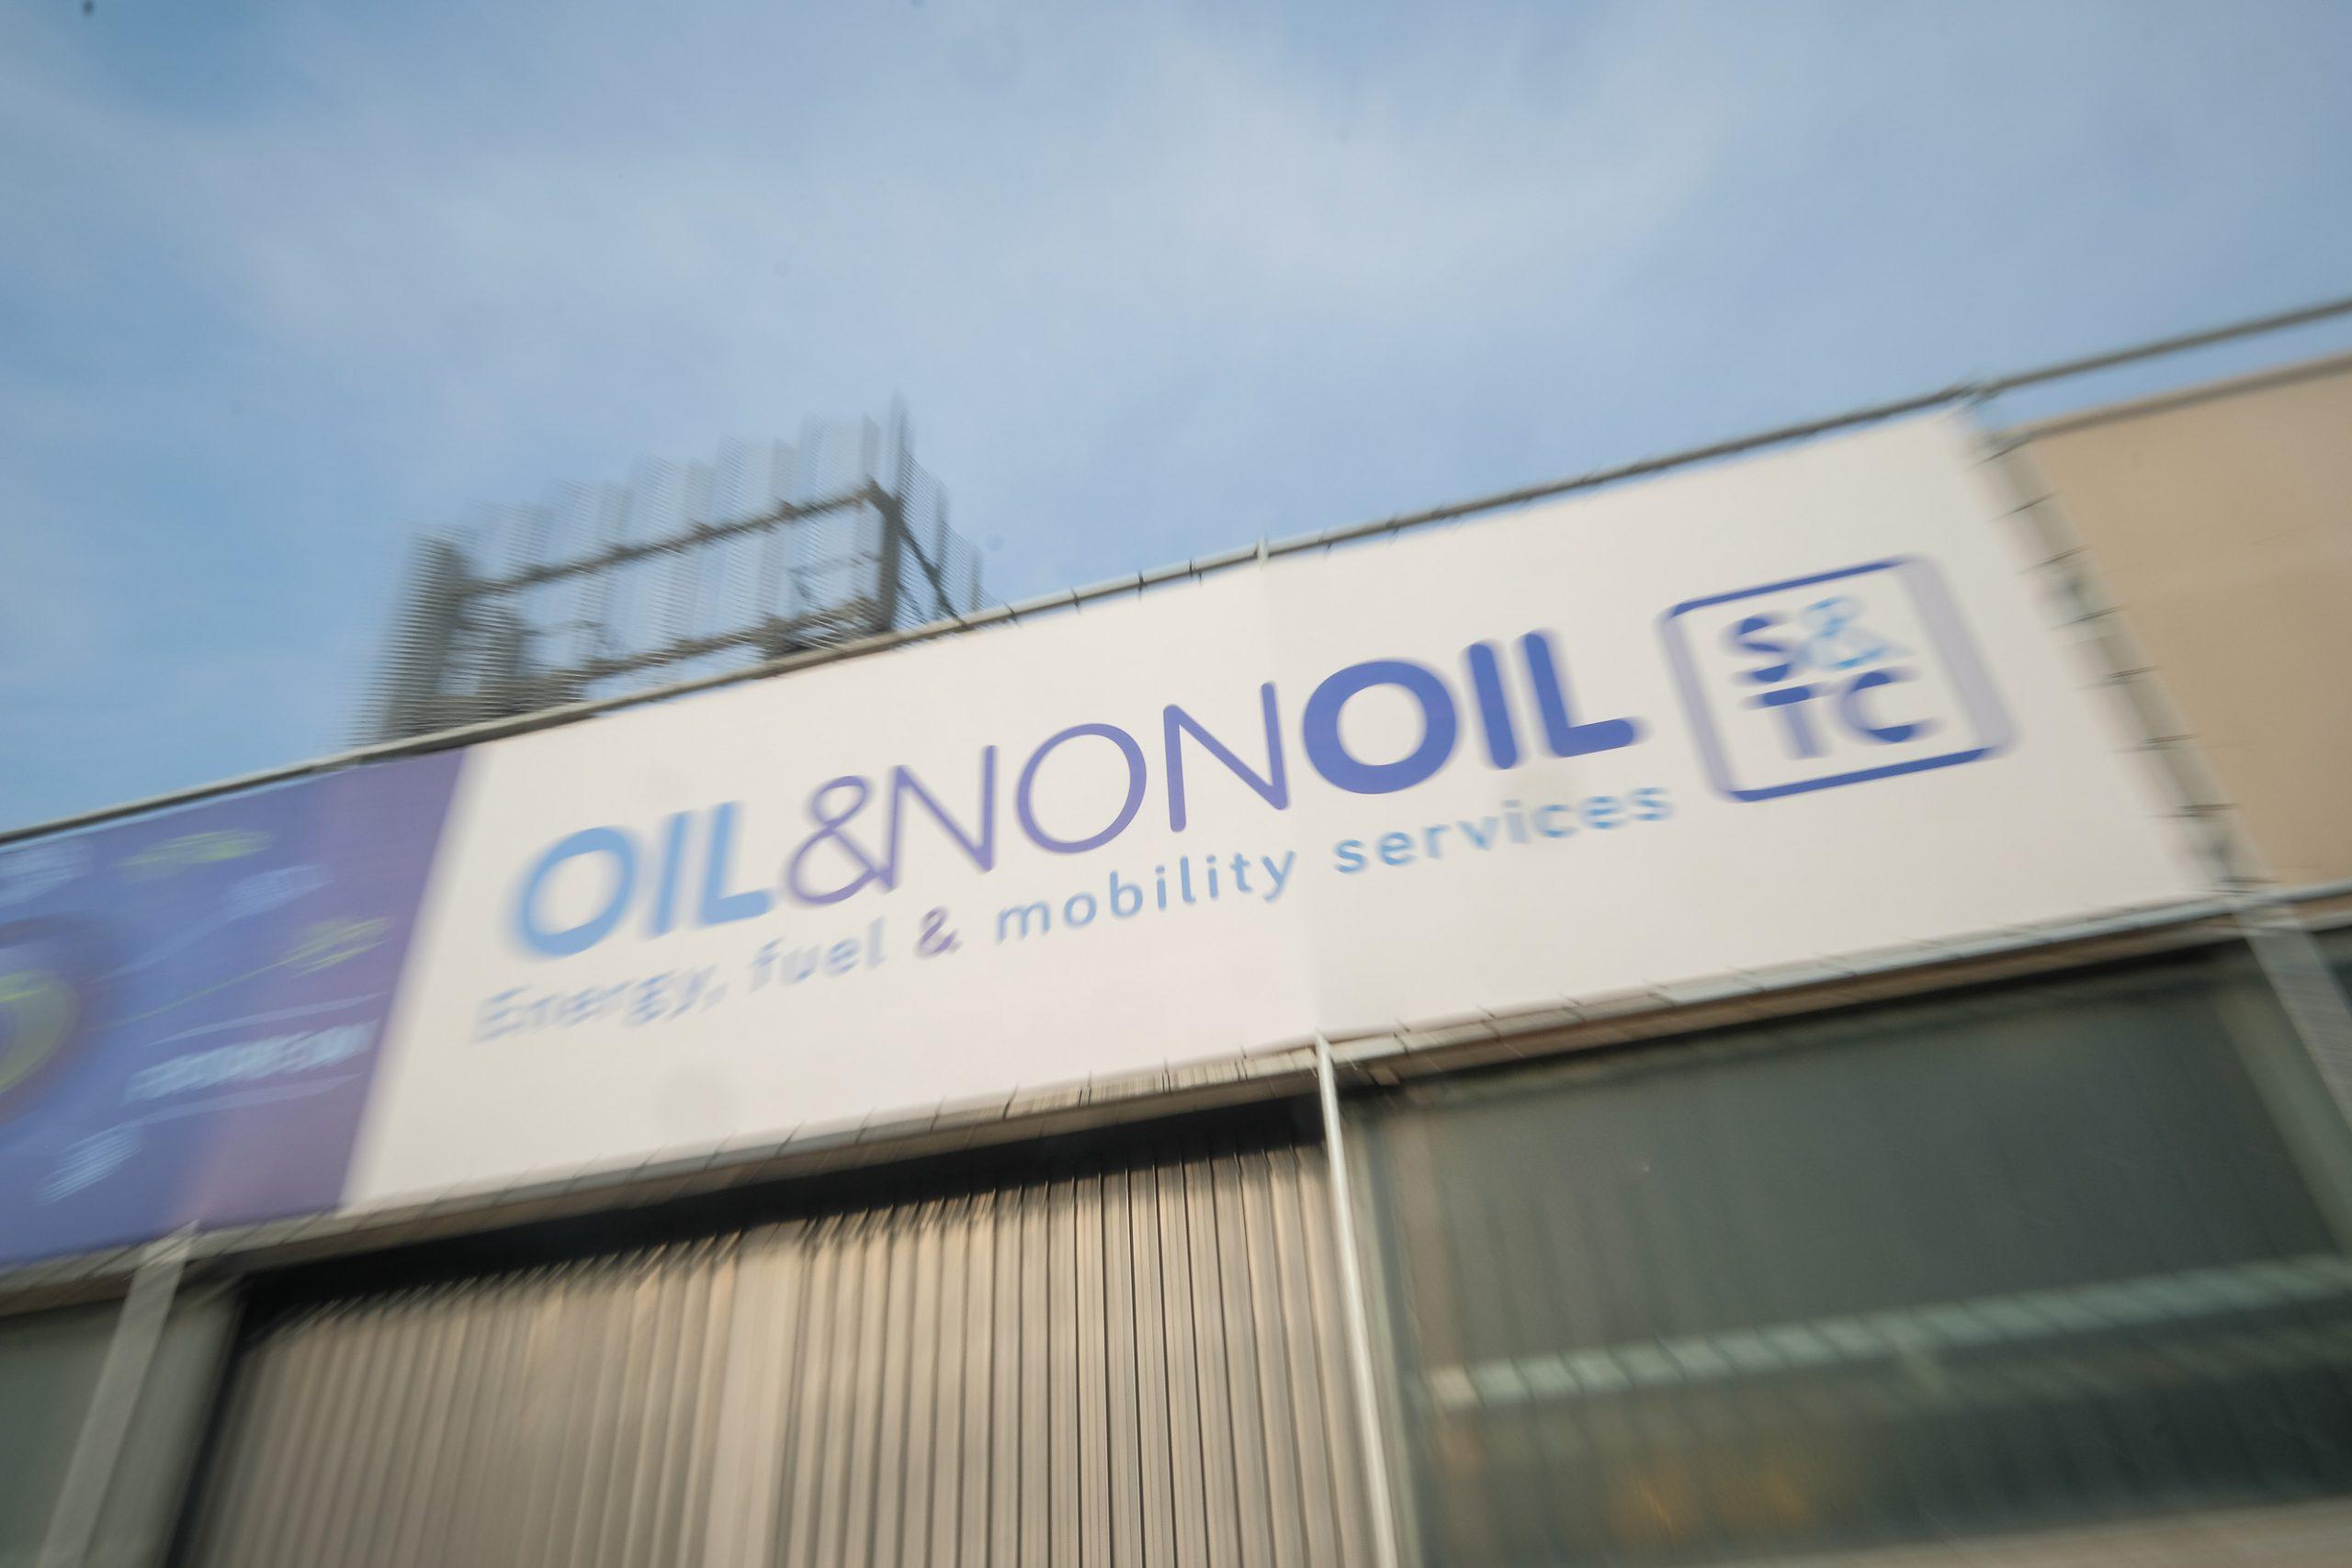 Oil&nonOil: oggi a Veronafiere la terza e ultima giornata del salone Energia, Carburanti e Servizi per la Mobilità